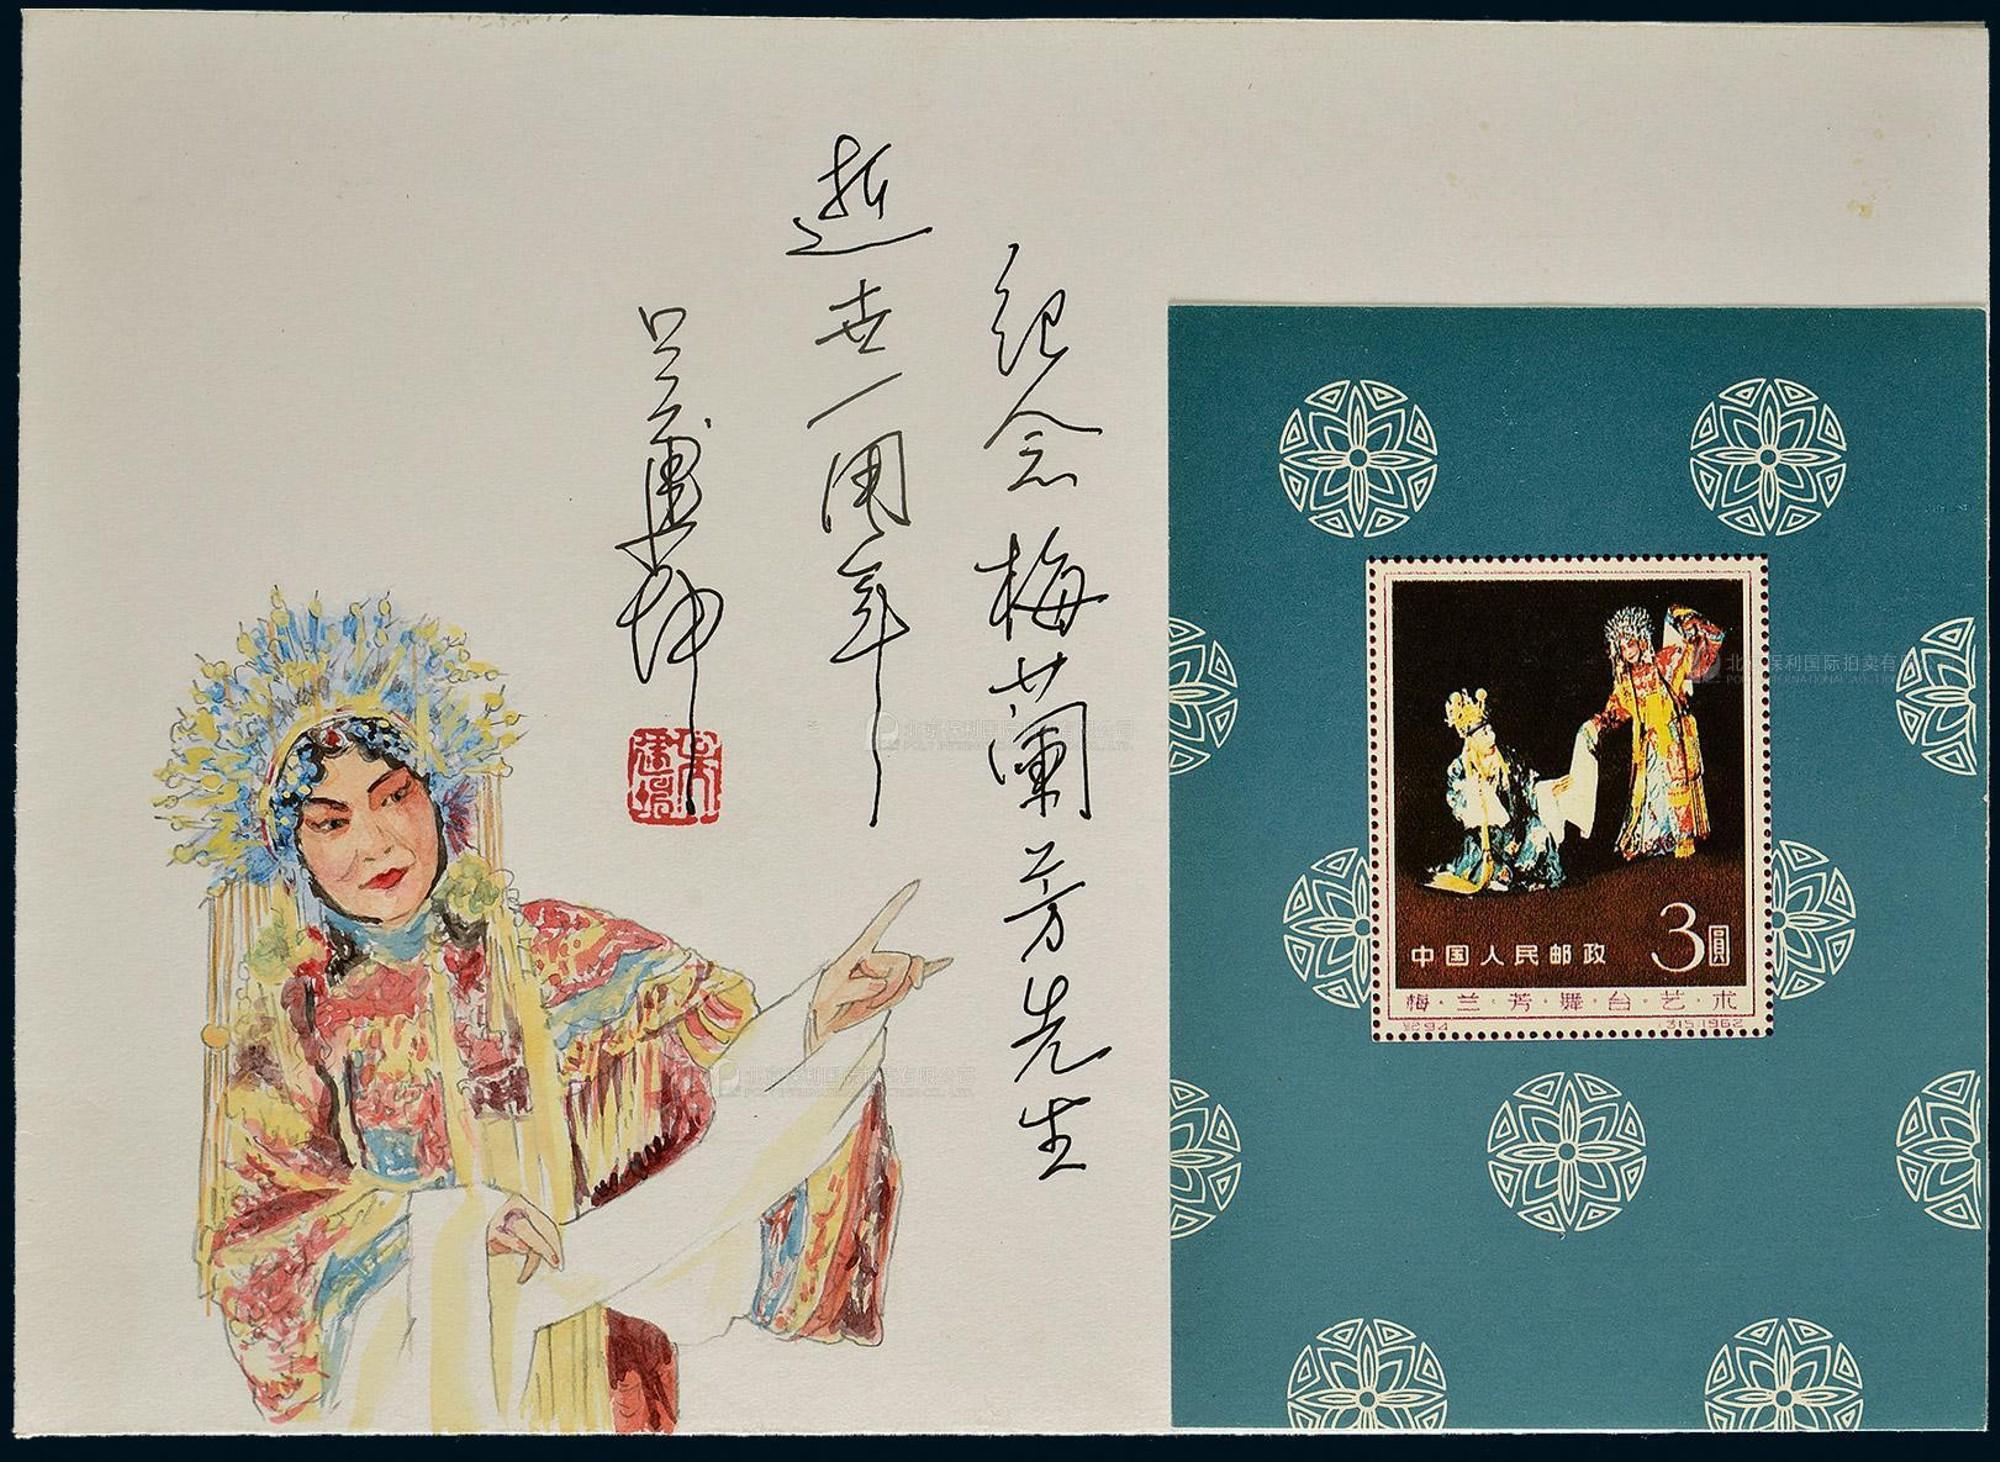 著名邮票设计家吴建坤手绘签名铃印封